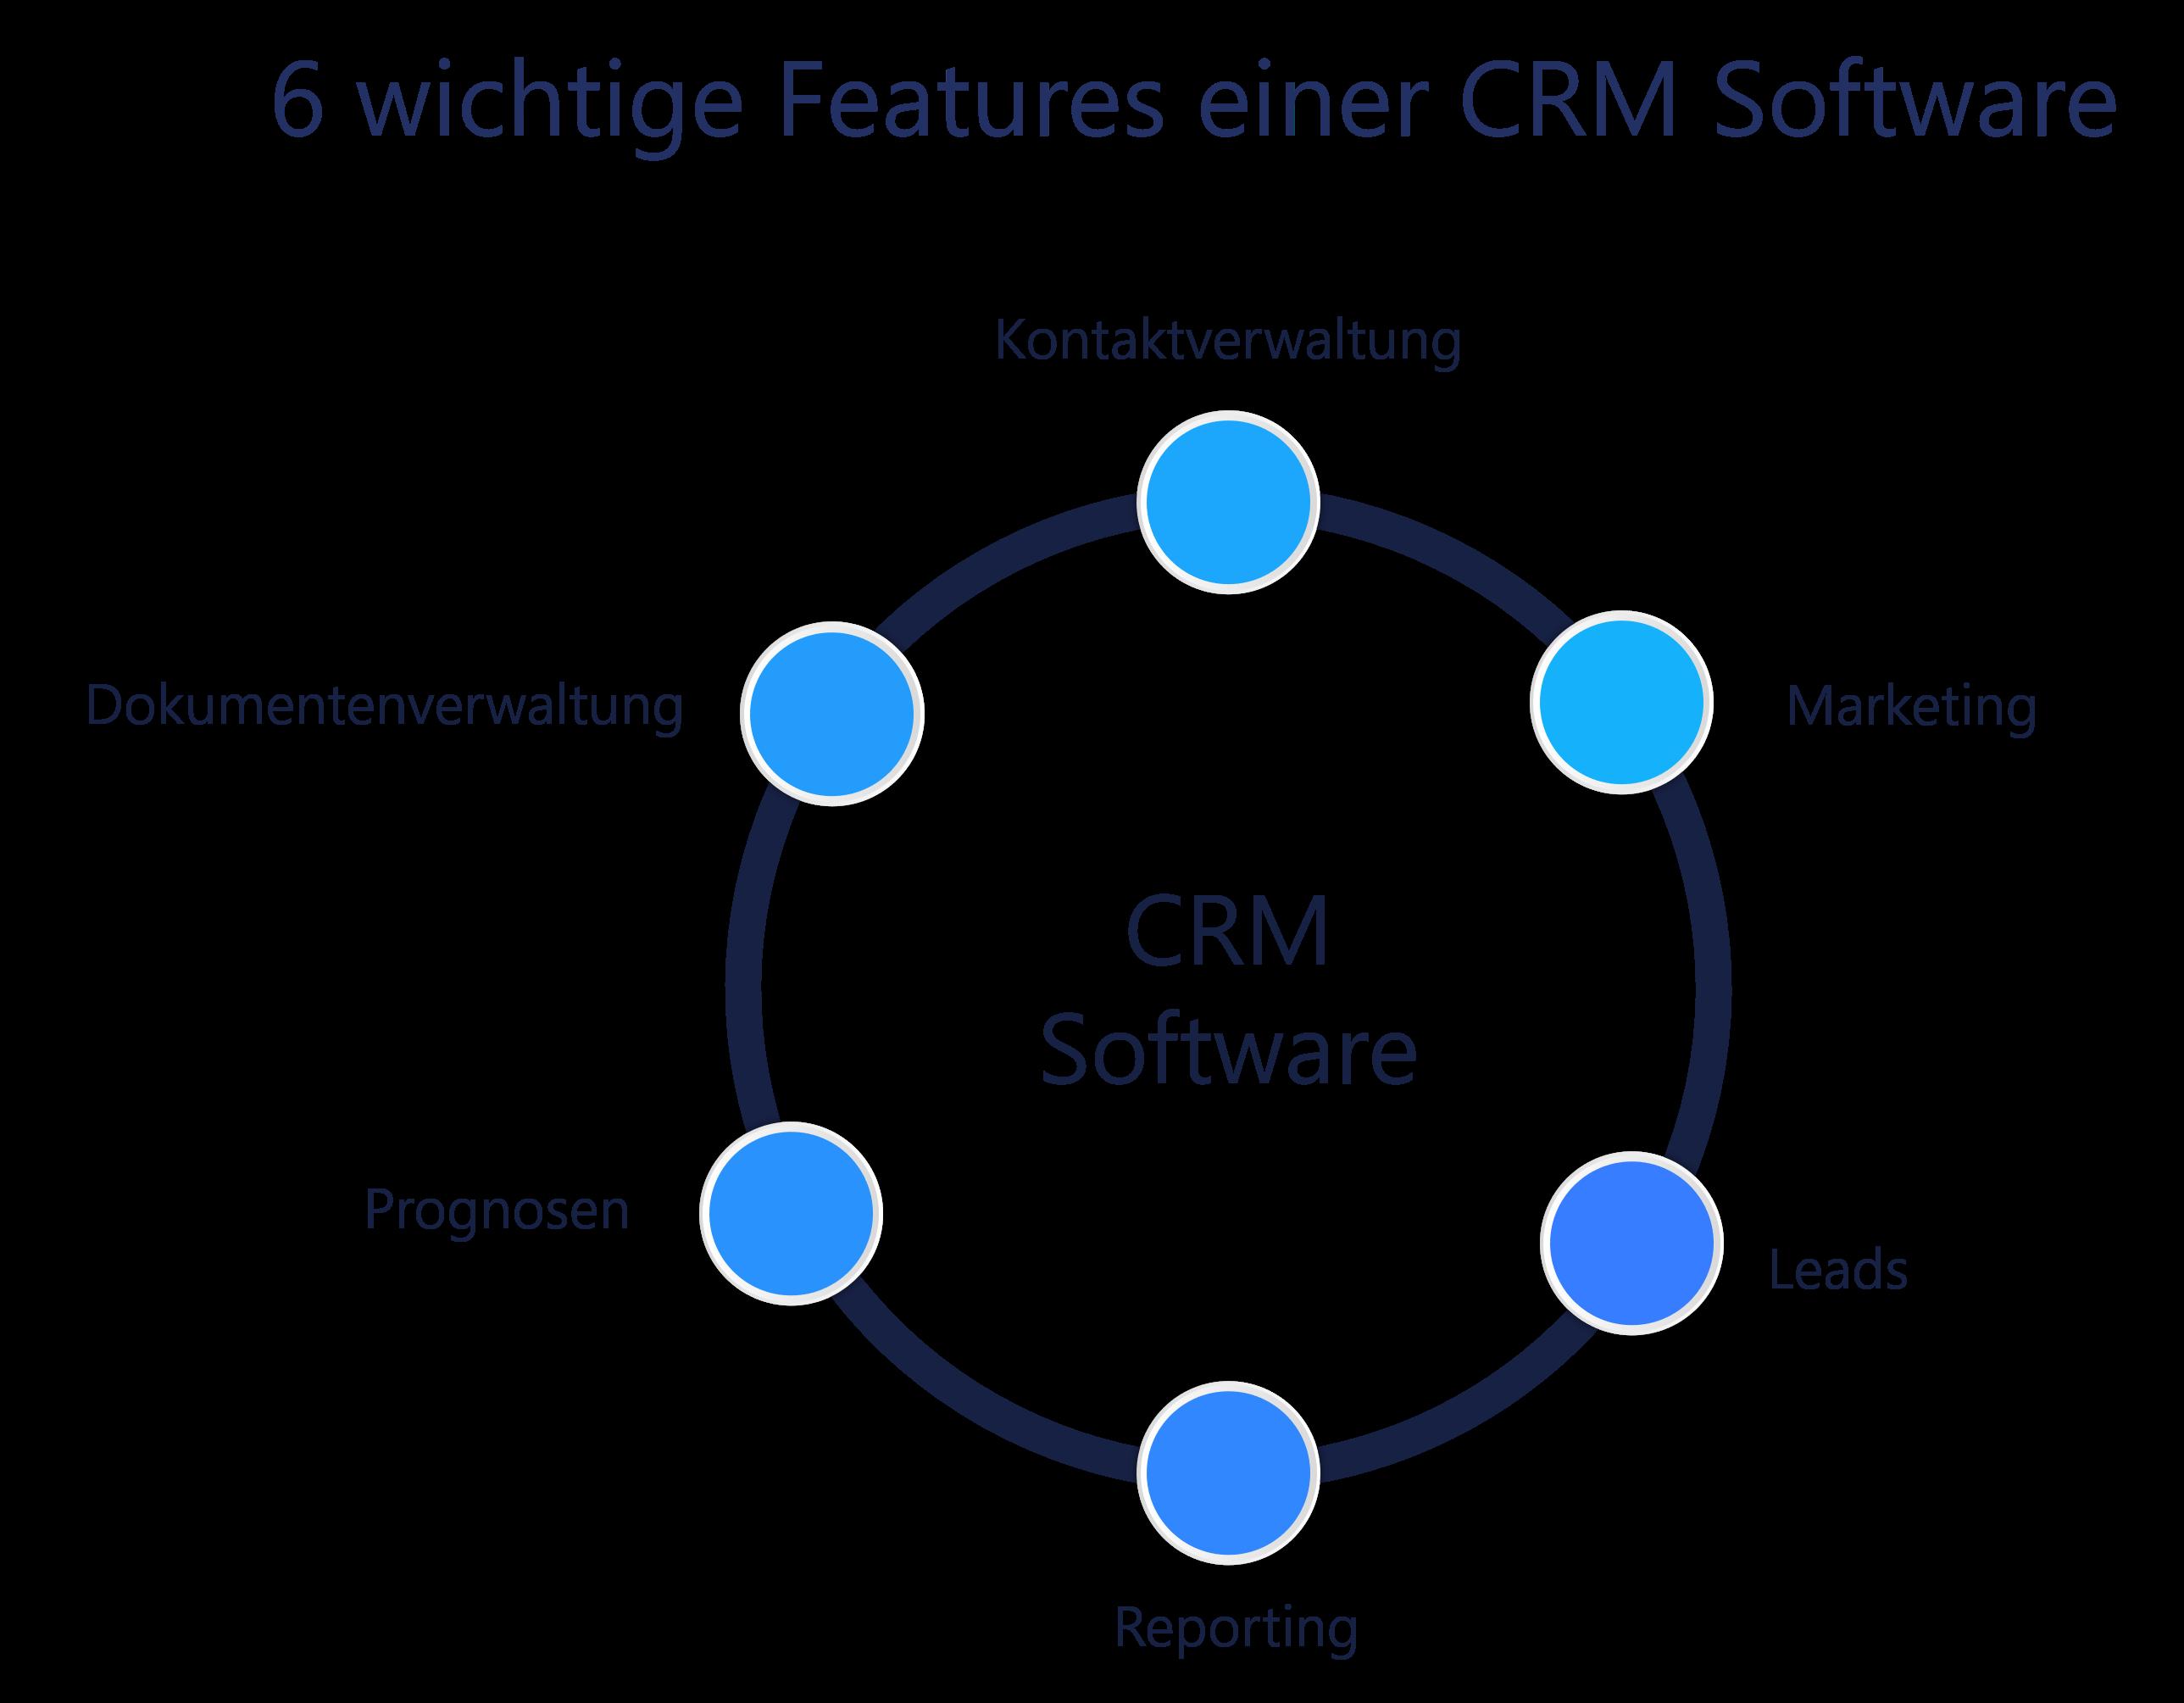 Darstellung von 6 wichtigen Funktionen einer CRM Software